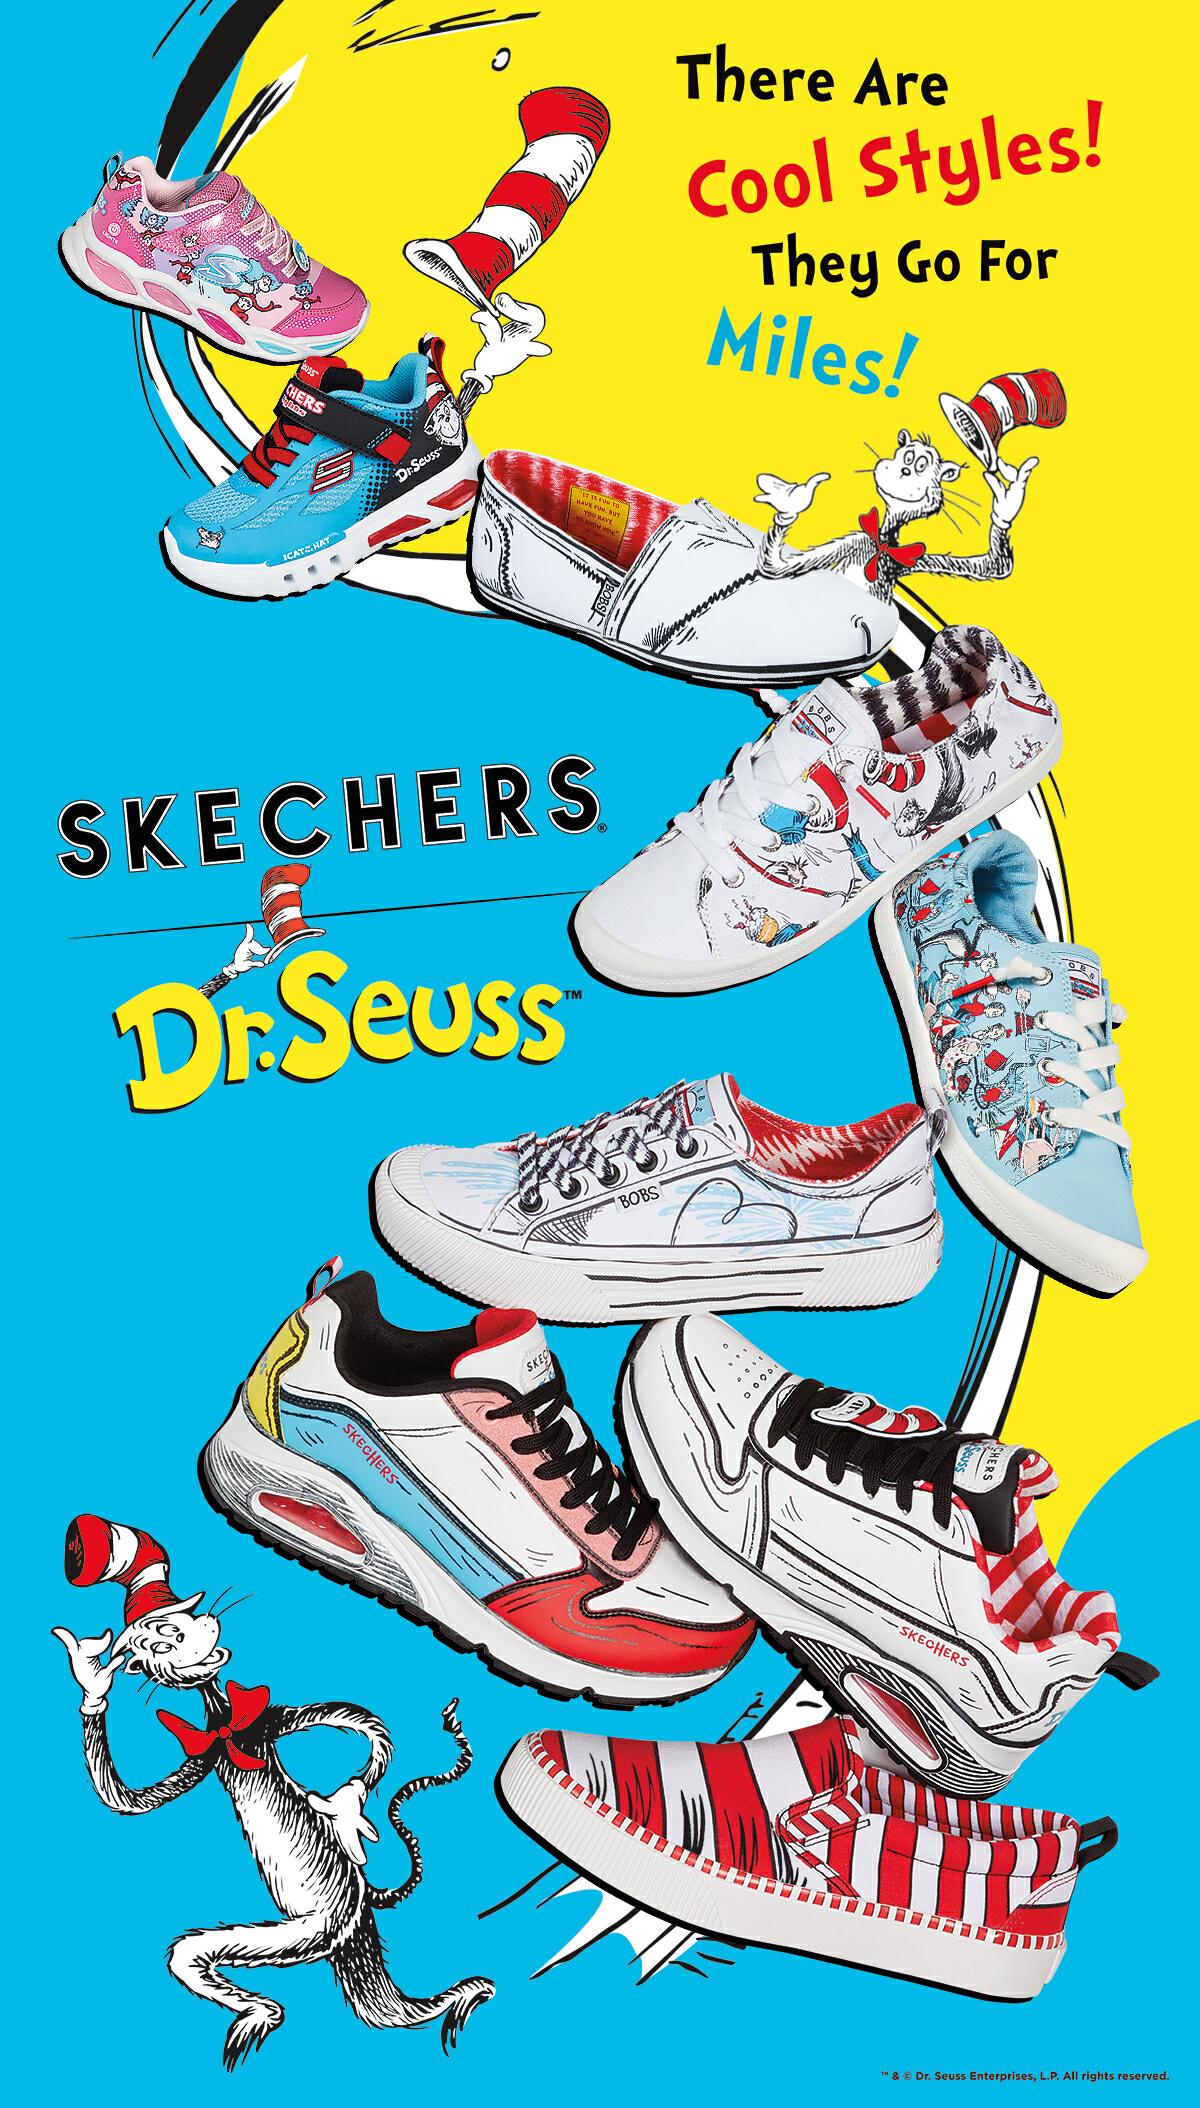 SKECHERS X Dr. Seuss